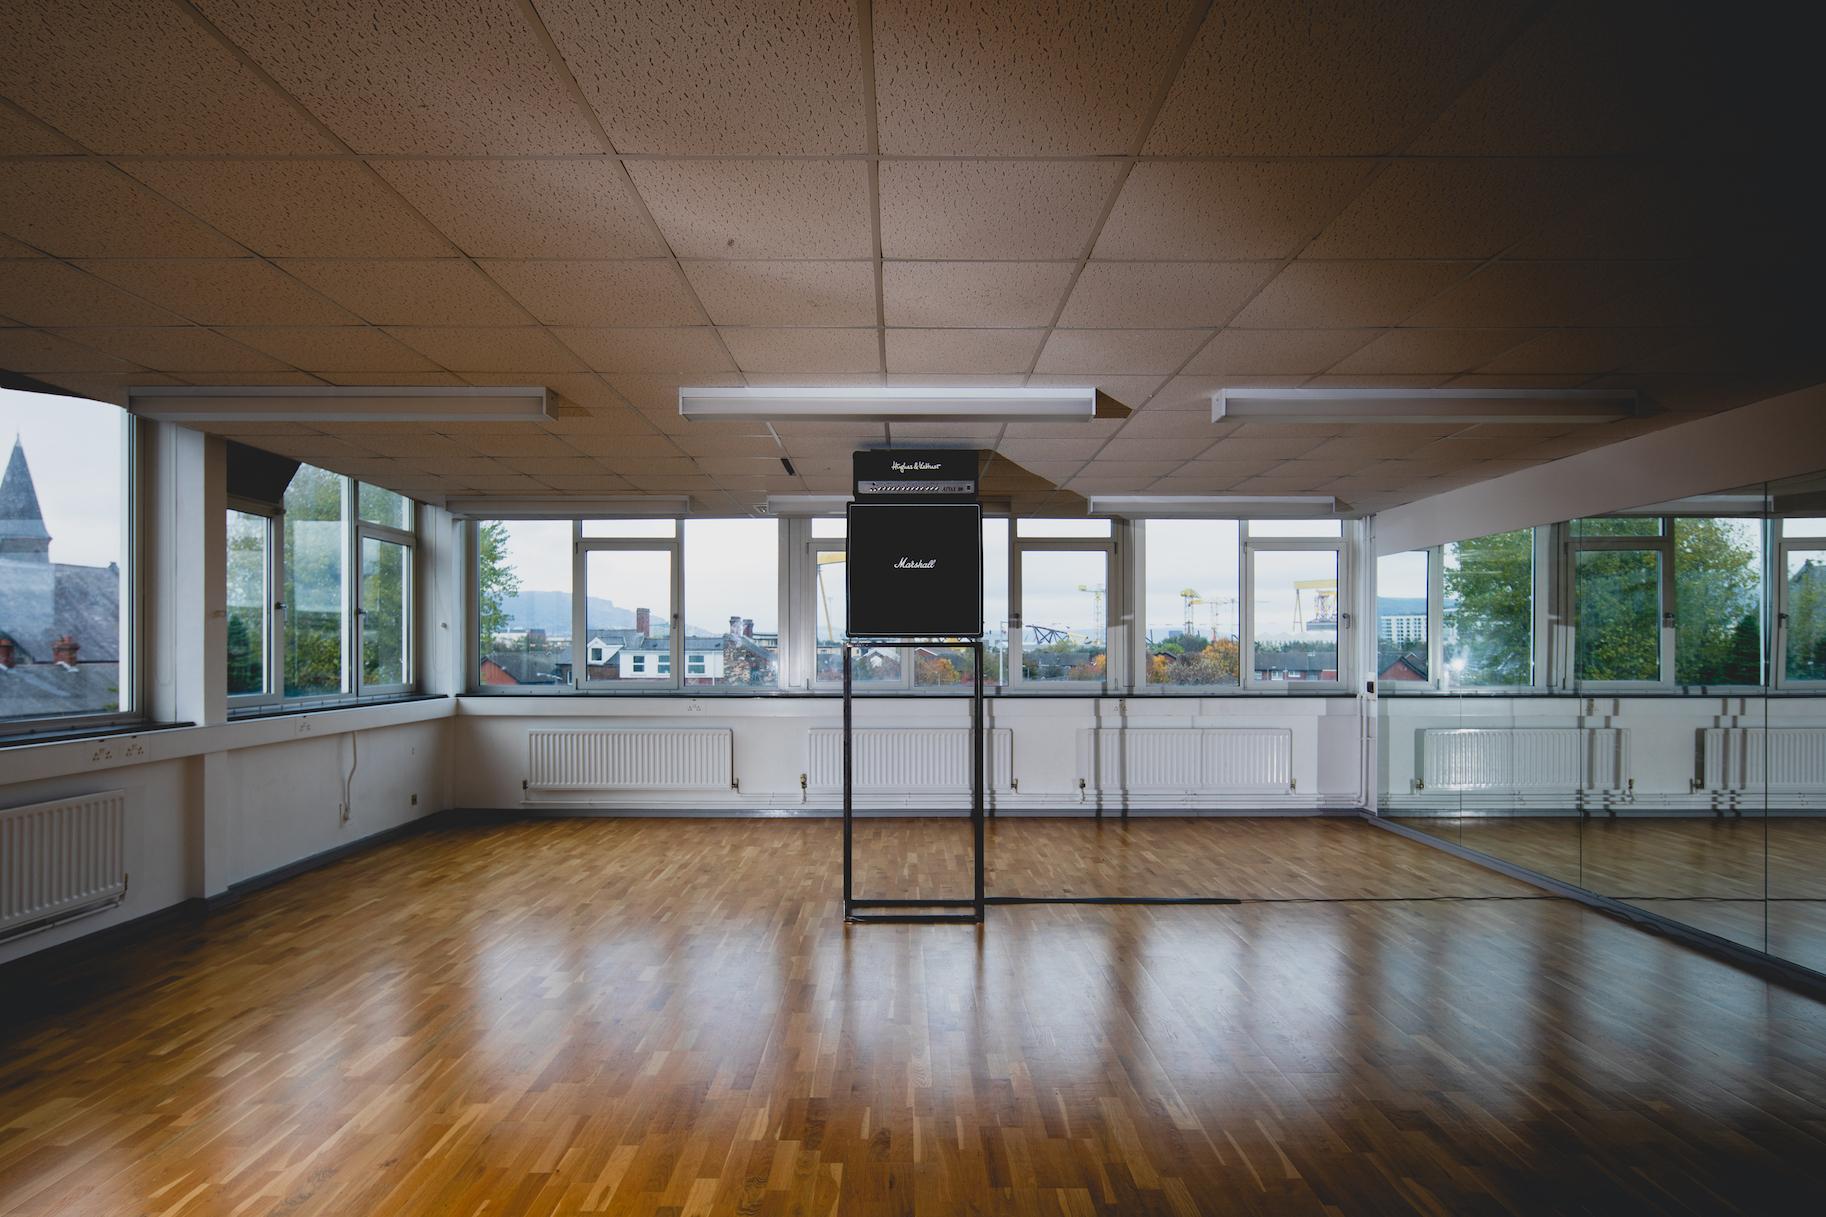 DanceStudioBelfastMETEchoChambercopyrigh